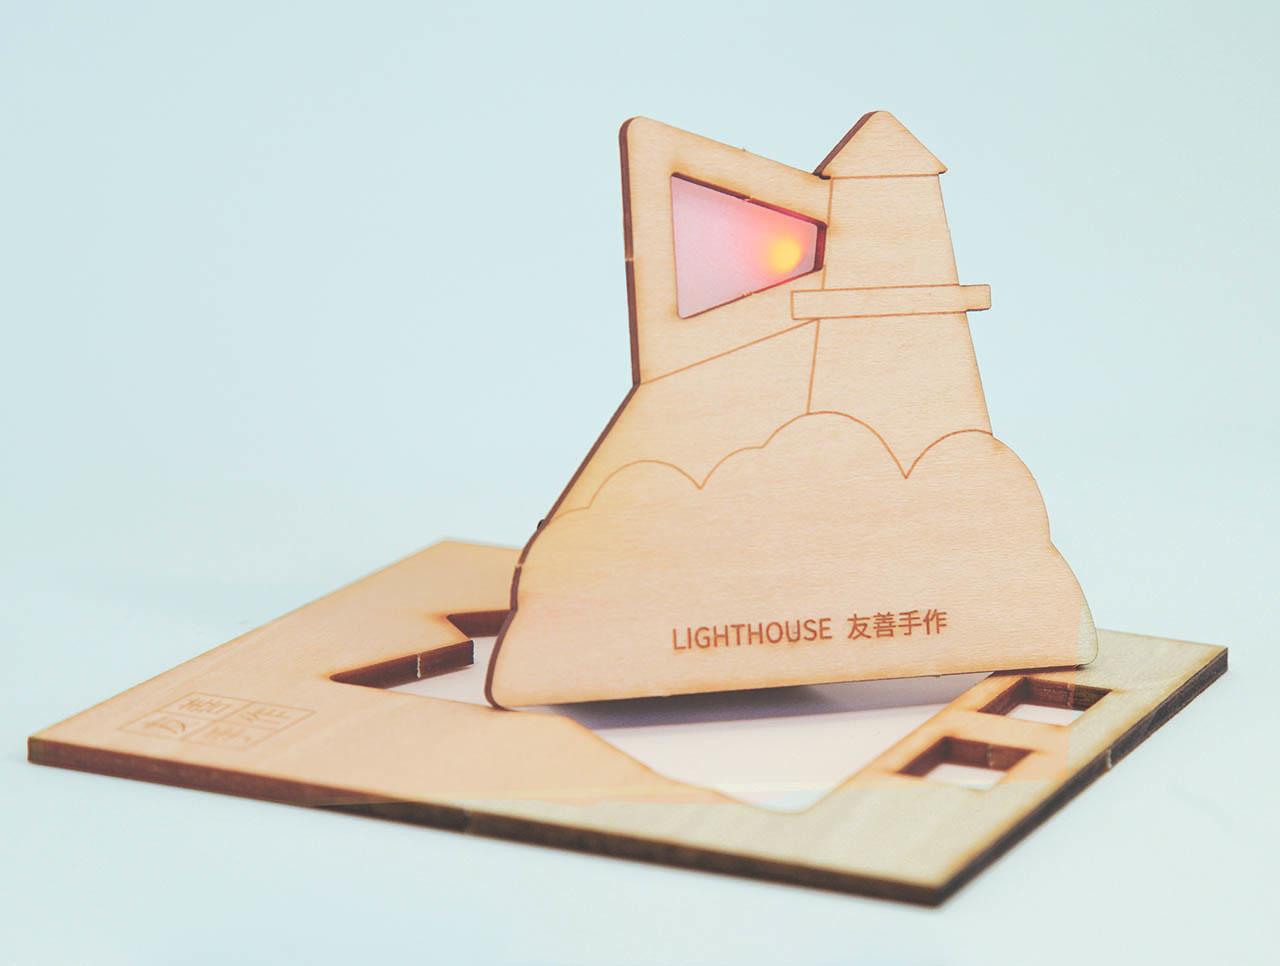 2.5D 半立體機構設計,結合雷射切割與手作迴路,變成新鮮好玩的創作